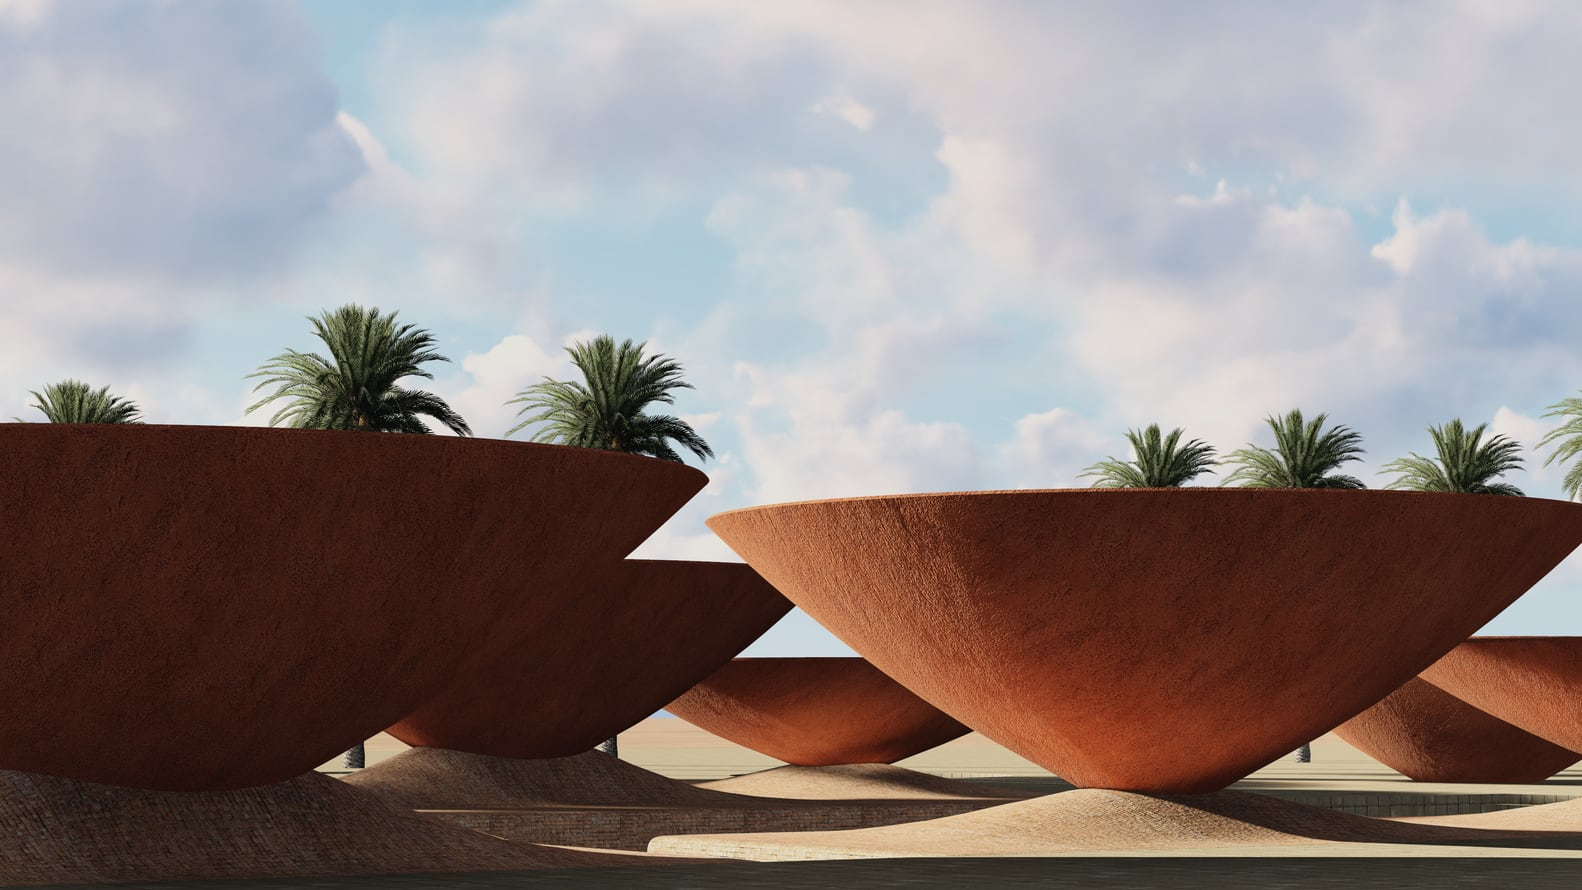 La nueva arquitectura para combatir la escasez de agua